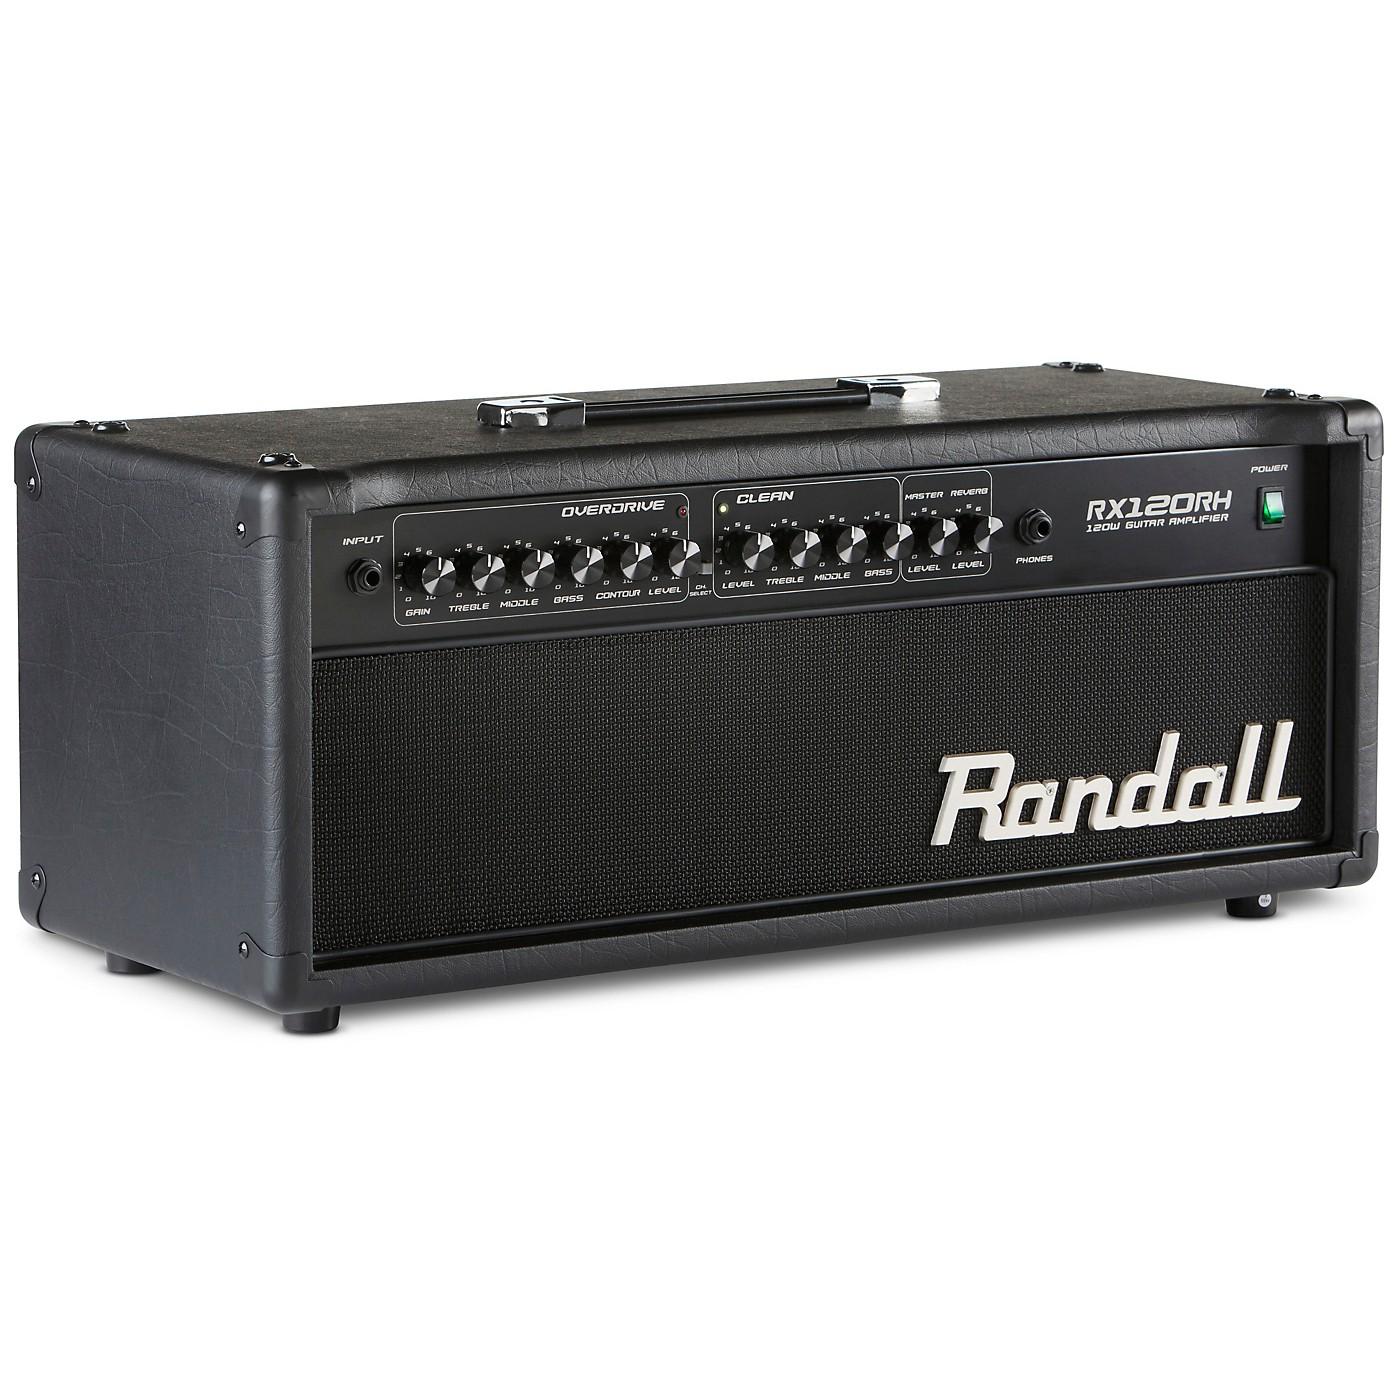 Randall RX Series RX120RH 120W Guitar Amp Head thumbnail